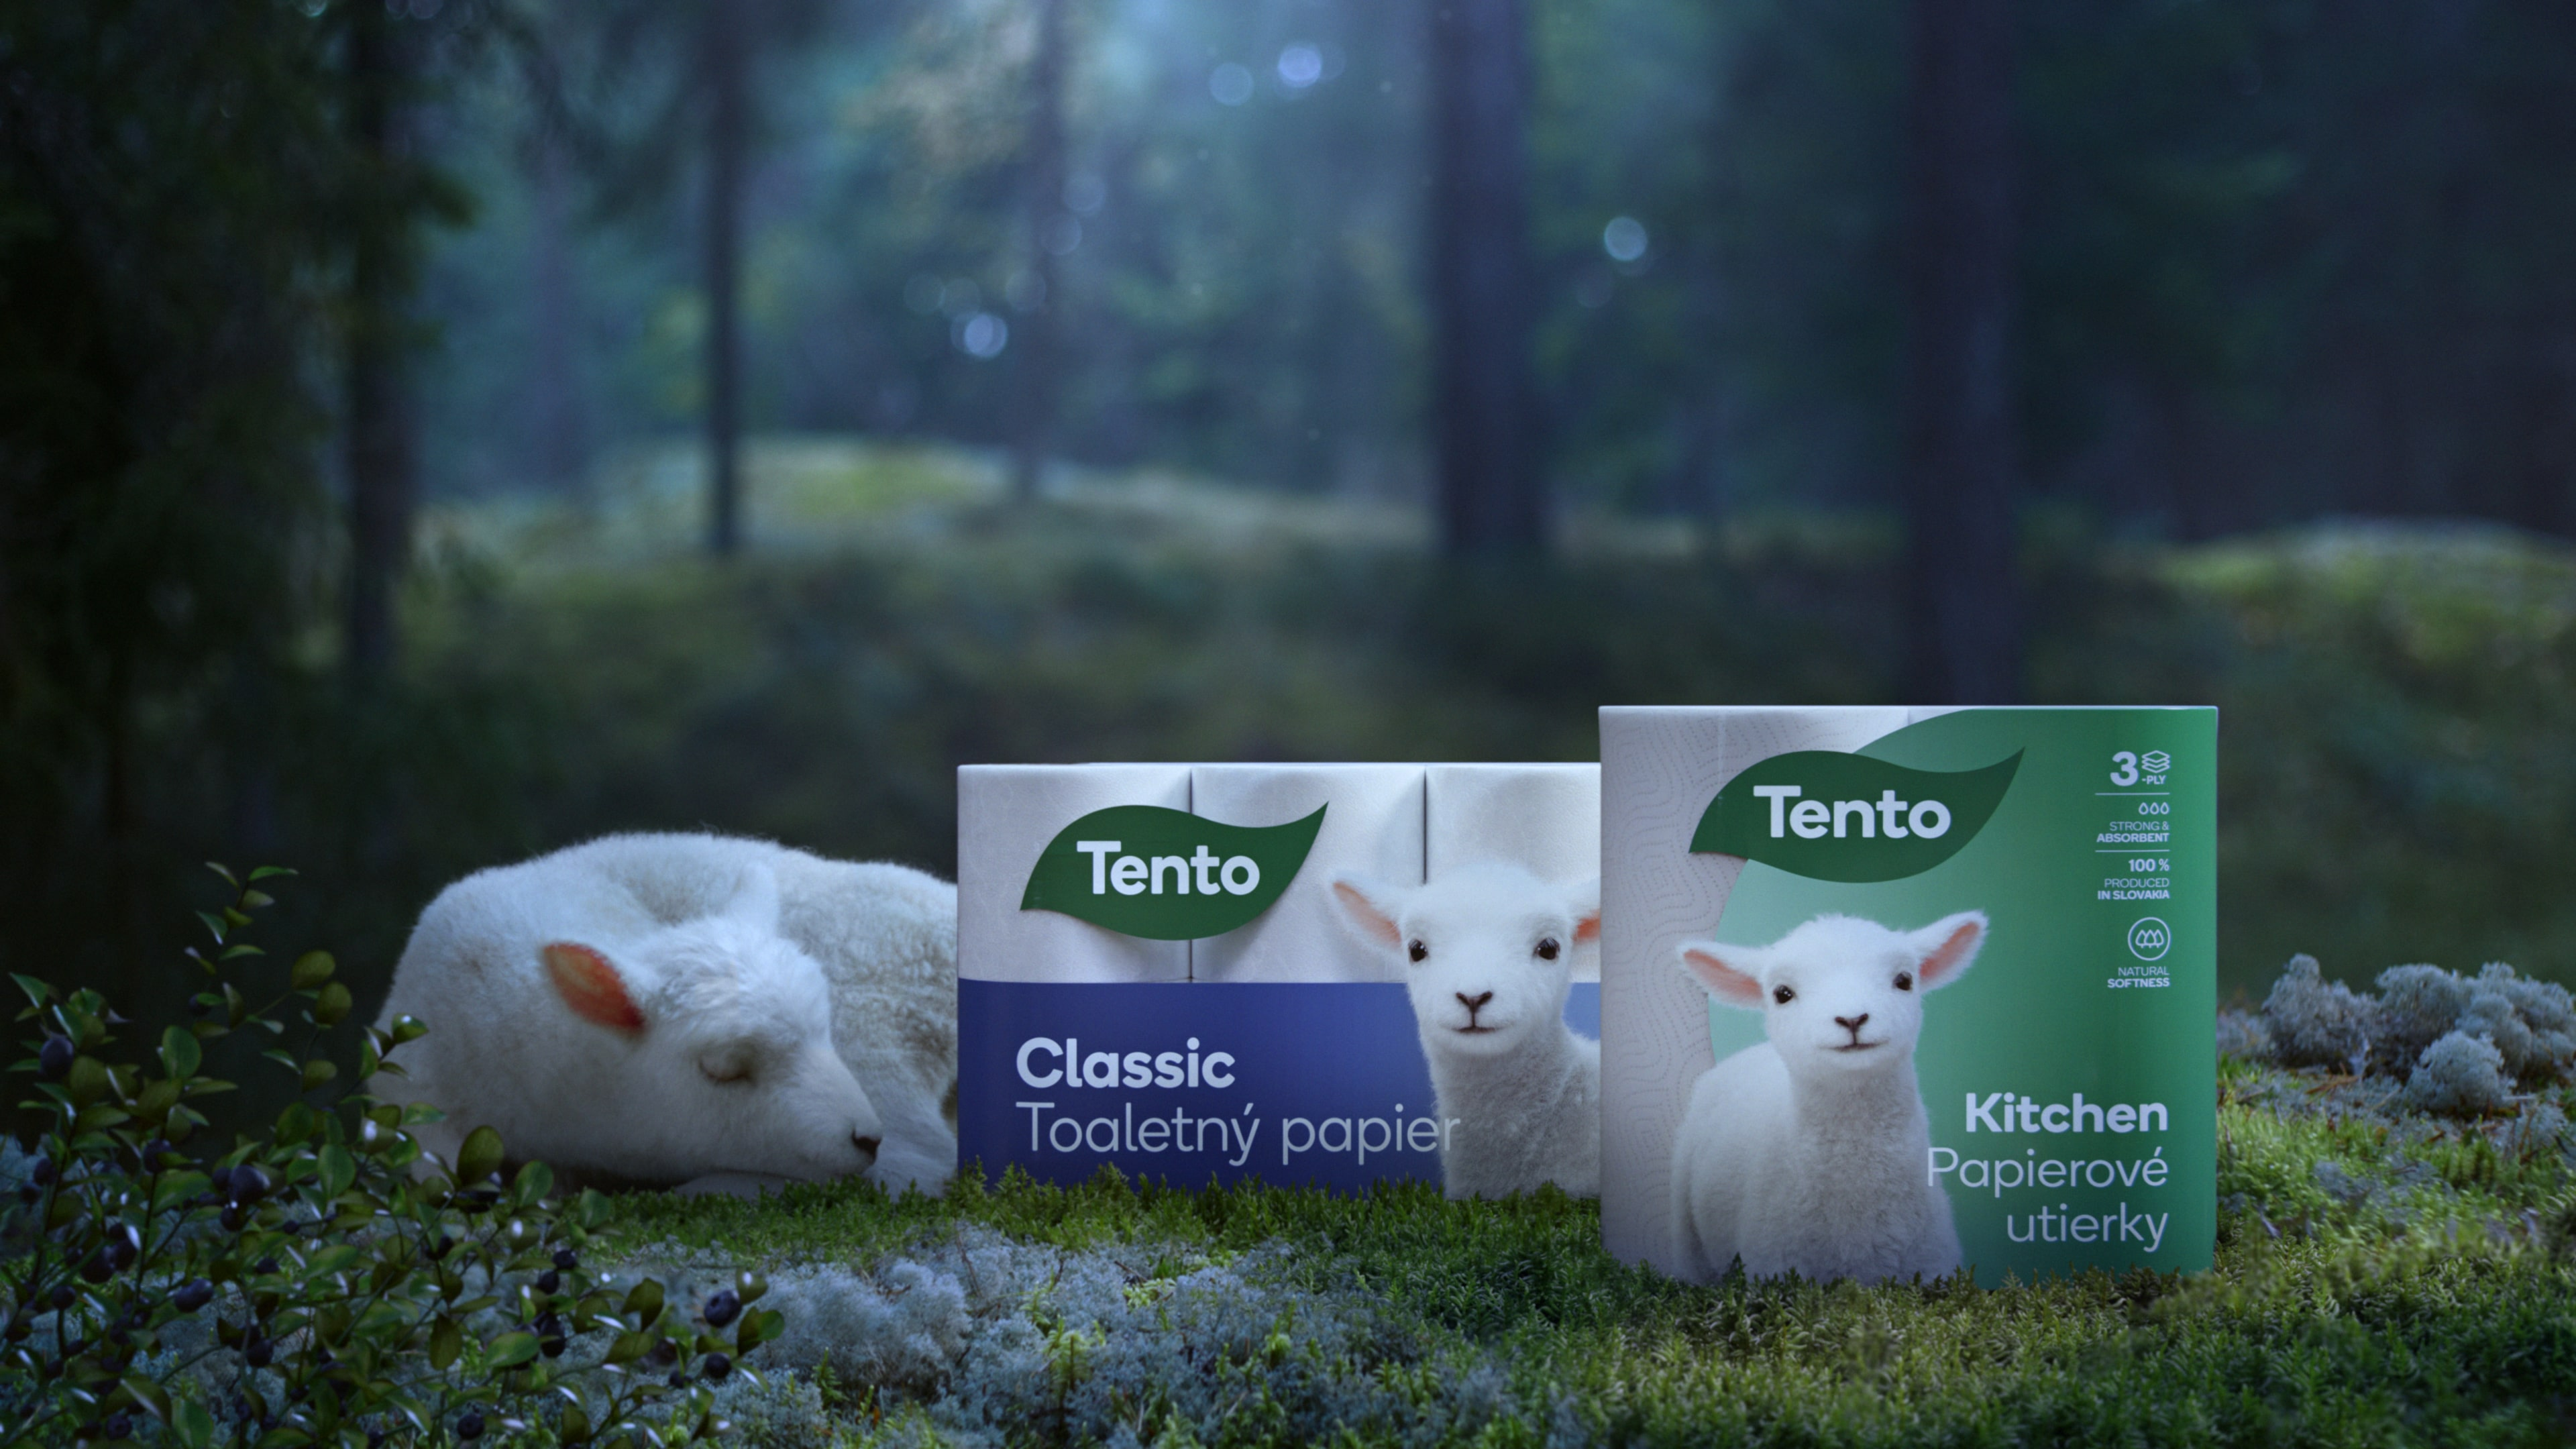 Toaletný papier vyrábaný udržateľným spôsobom